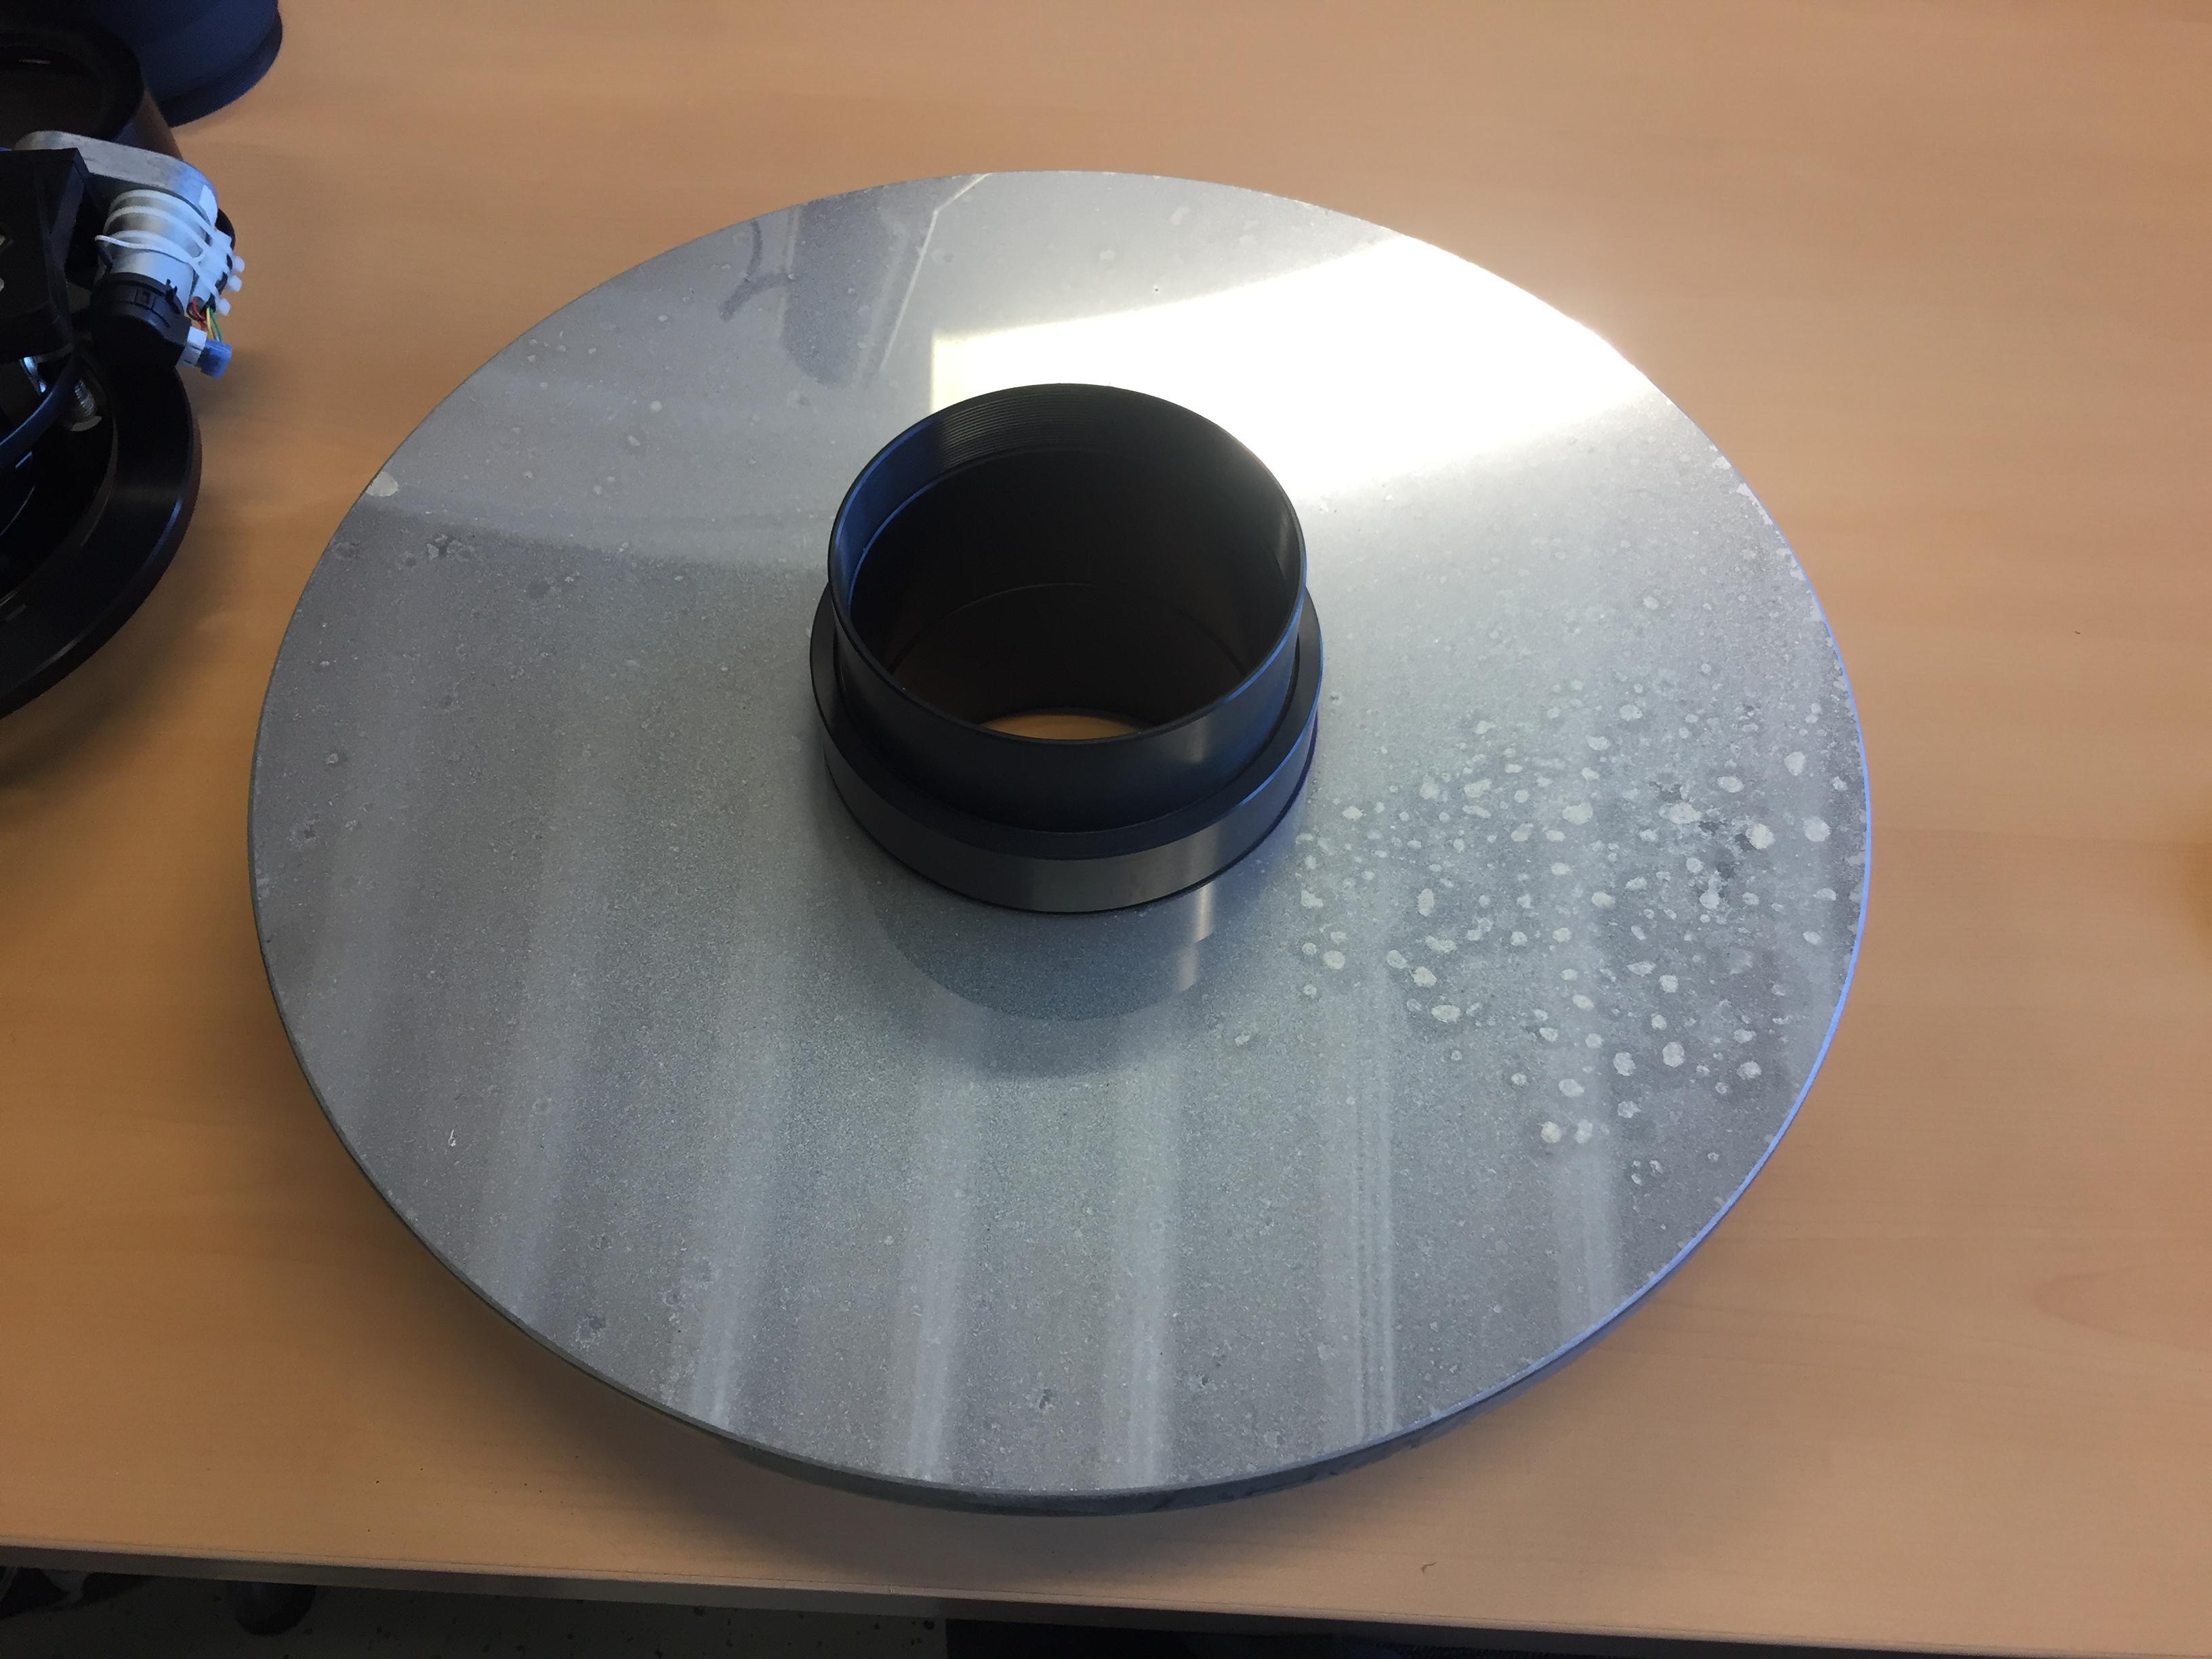 Reinigung eines cdk 17 spiegels mit optical wonder baader